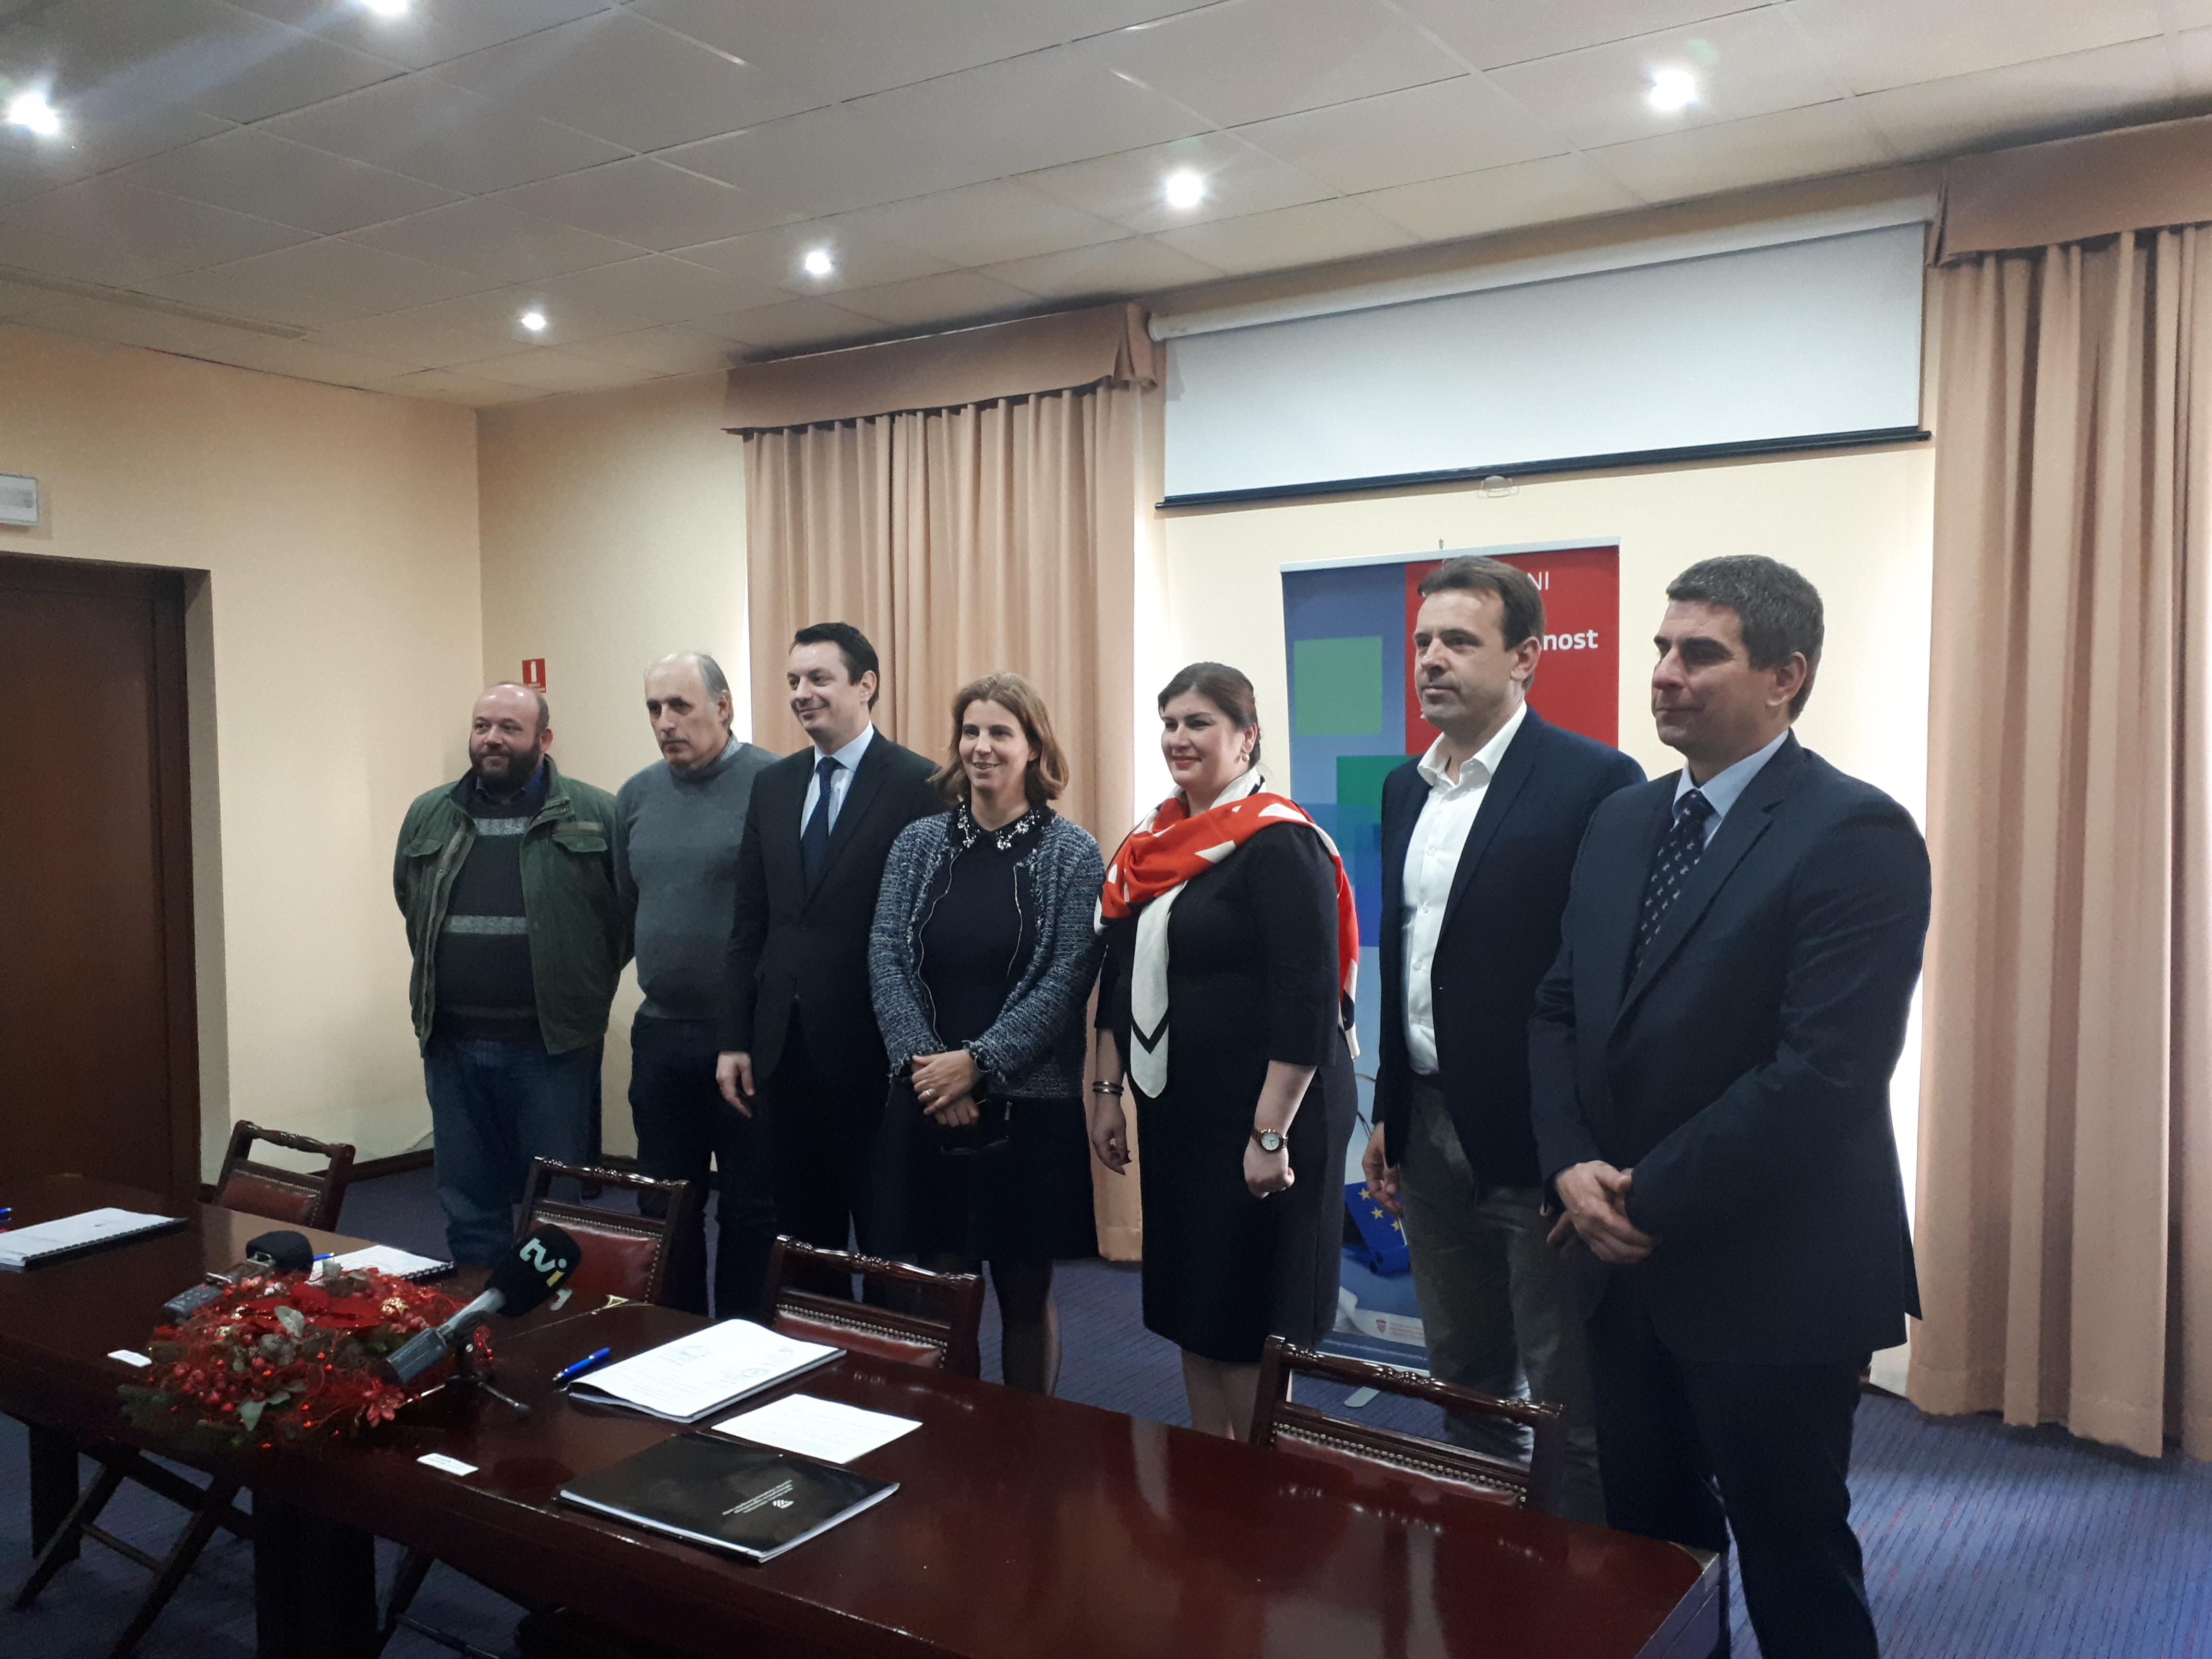 Svečano potpisan Ugovor o dodjeli bespovratnih sredstava za projektGeoIST3A-Valorizacija prirodne baštine u Istarskoj županiji unapređenjem konkurentnosti turističke ponude